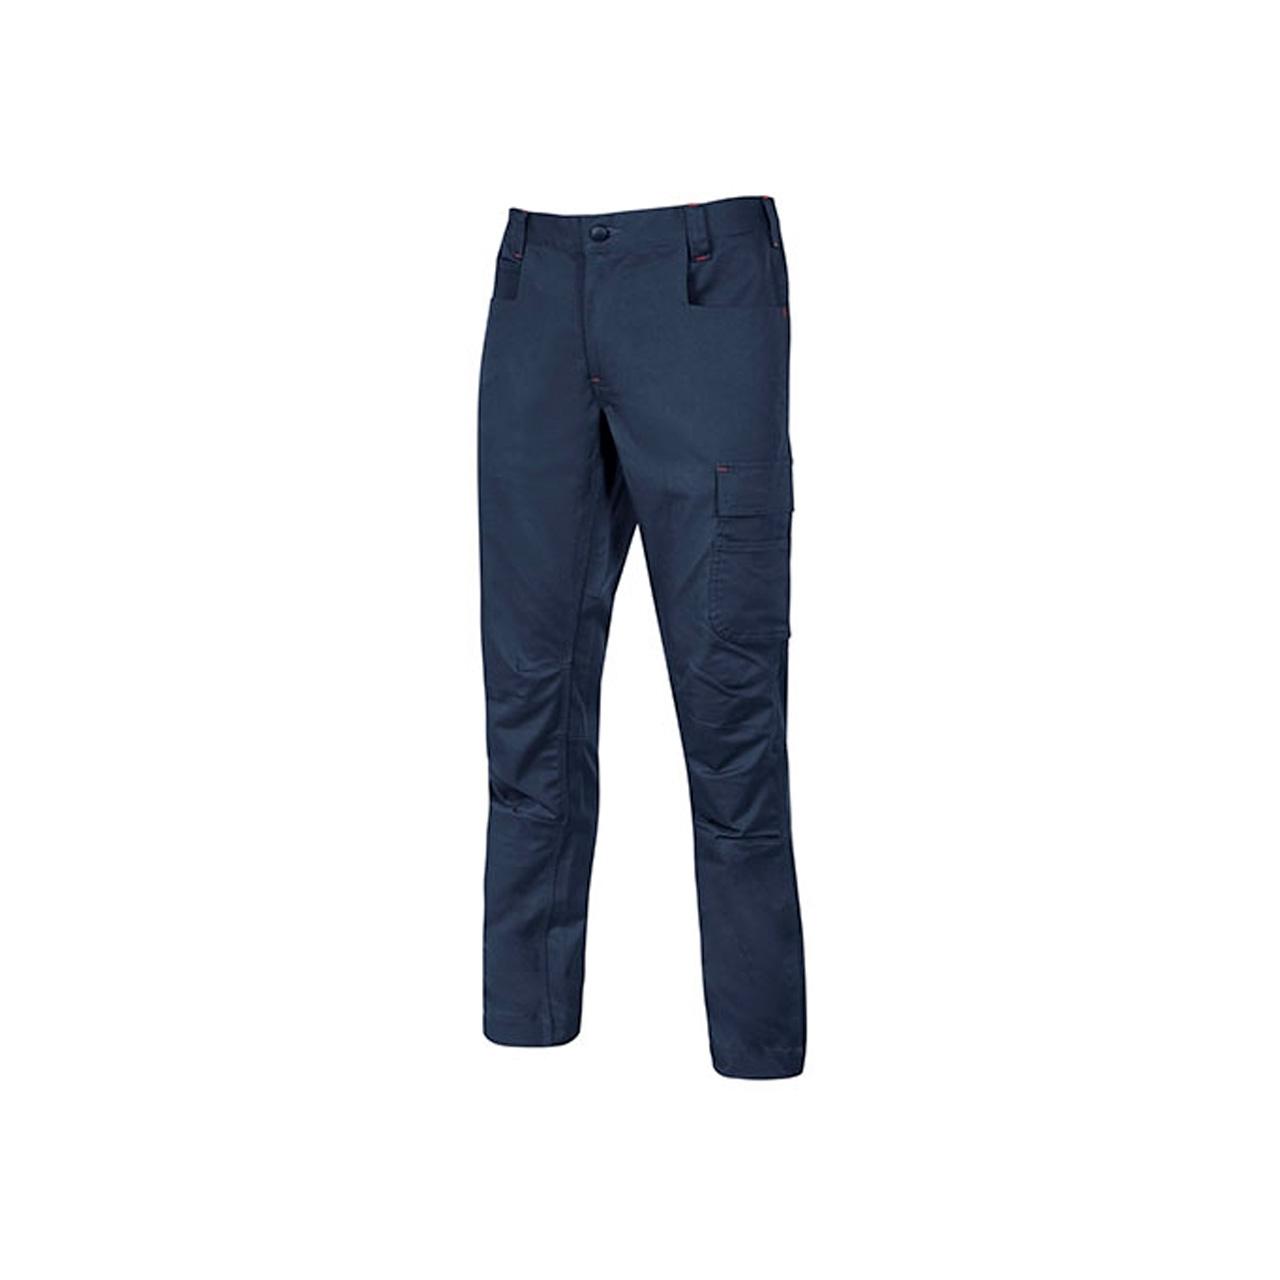 pantalone da lavoro upower modello bravo TOP colore WES